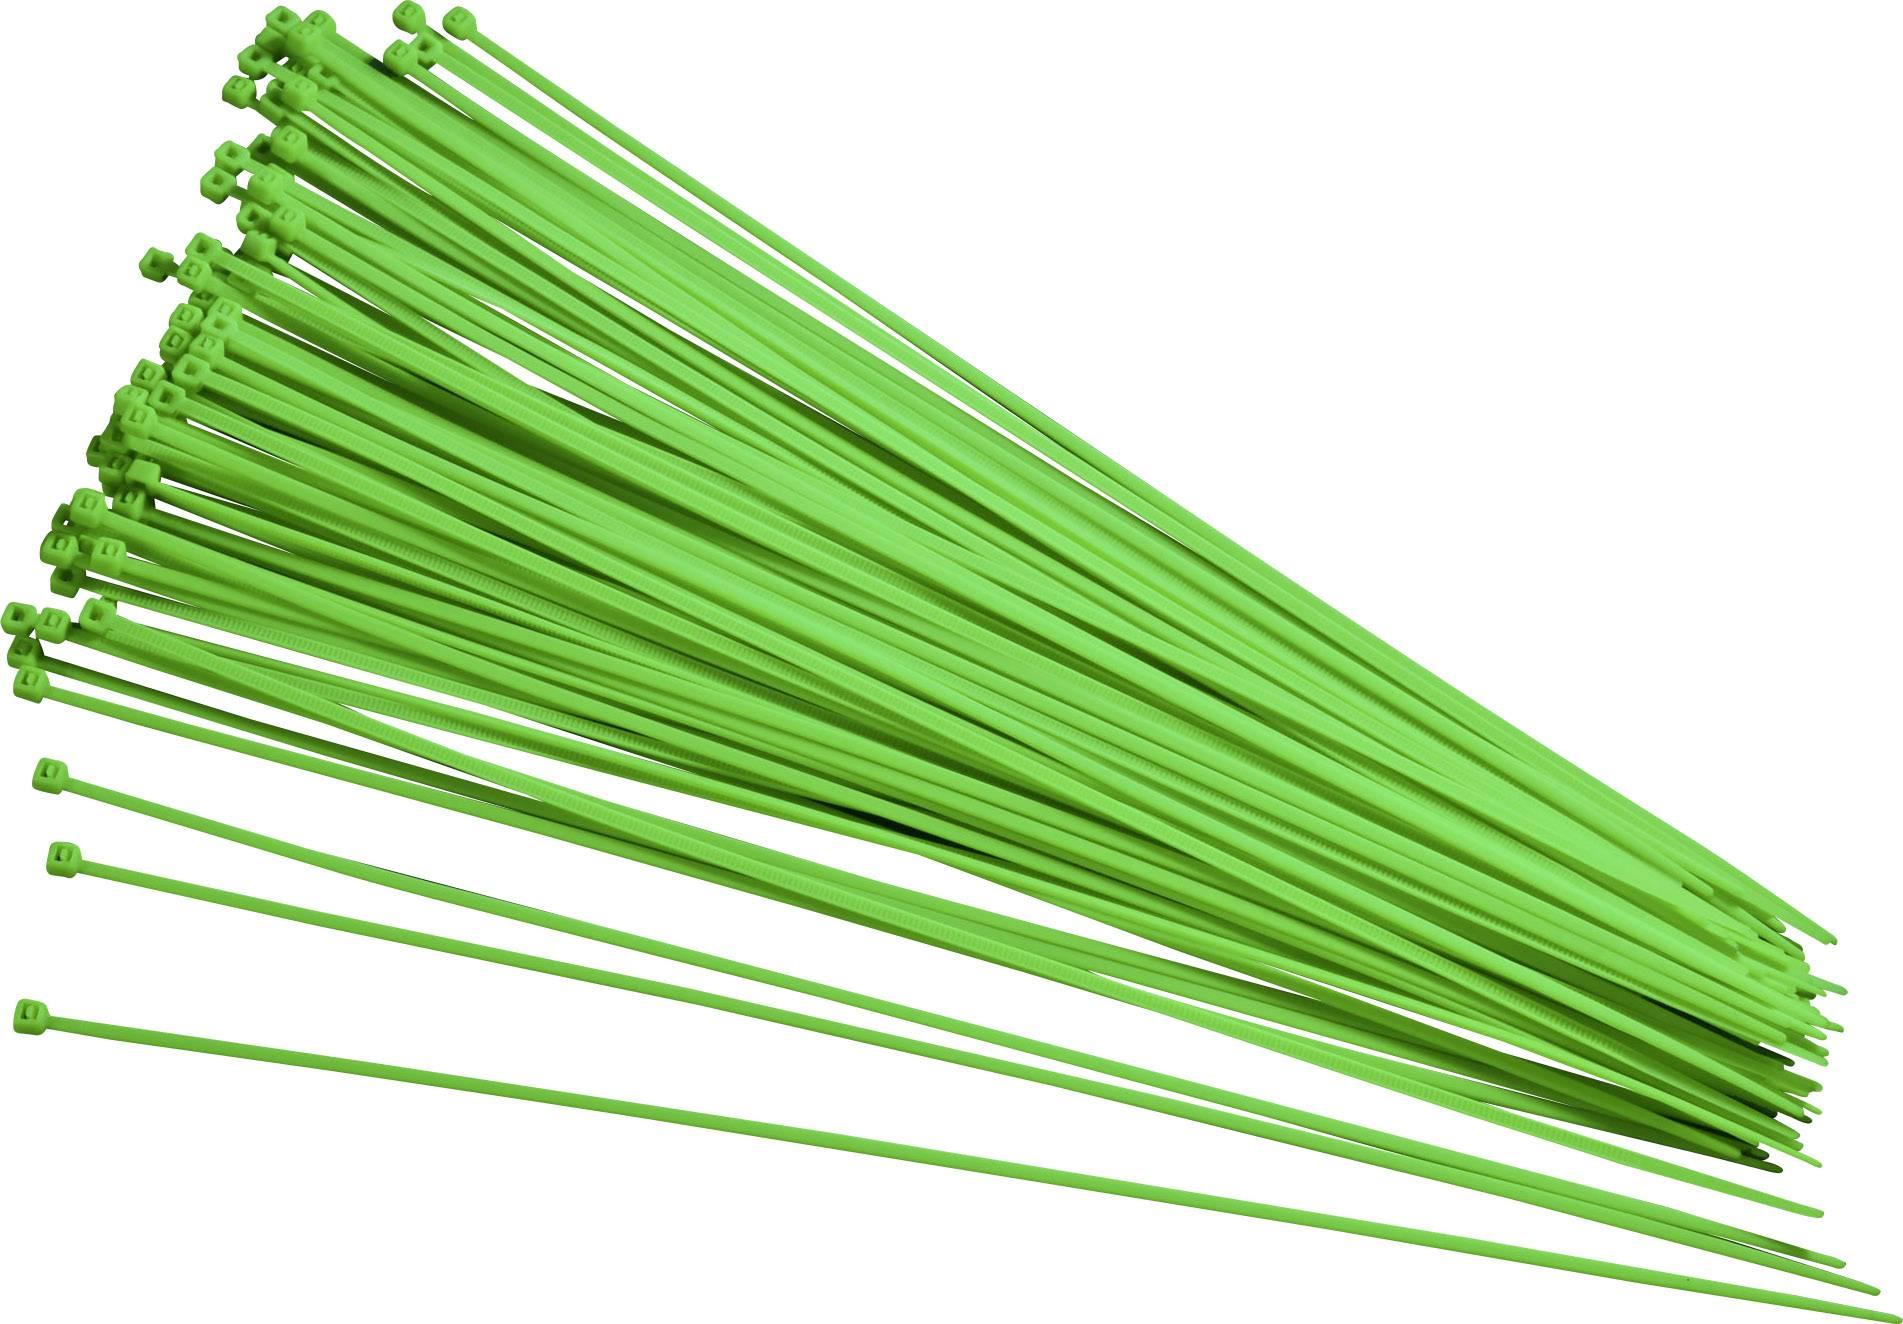 Stahovací pásky TRU COMPONENTS 93038c414, 200 mm, zelená, 100 ks